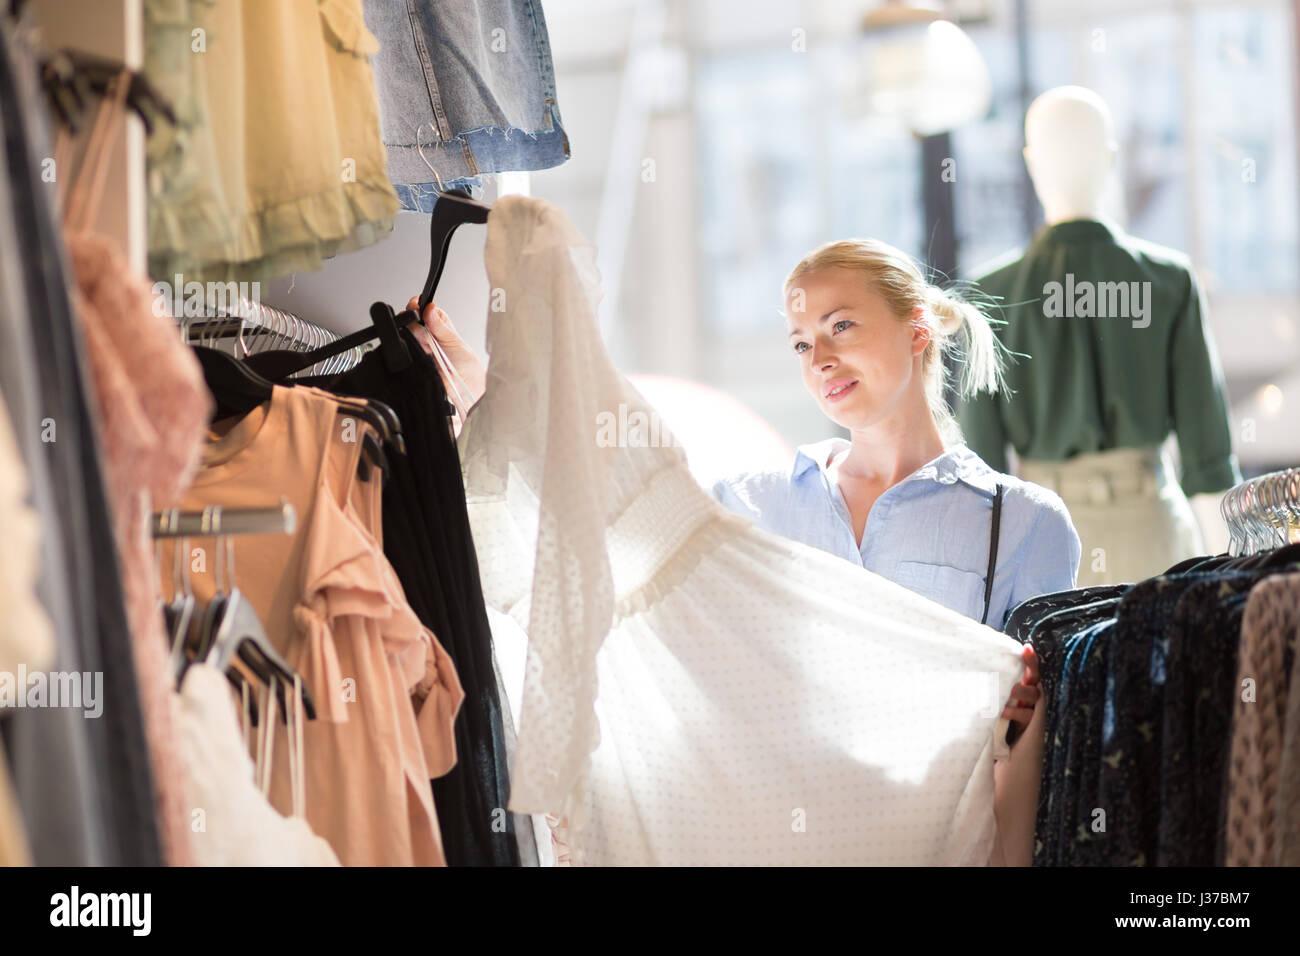 Belle femme shopping des vêtements à la mode dans une boutique de vêtements. Photo Stock